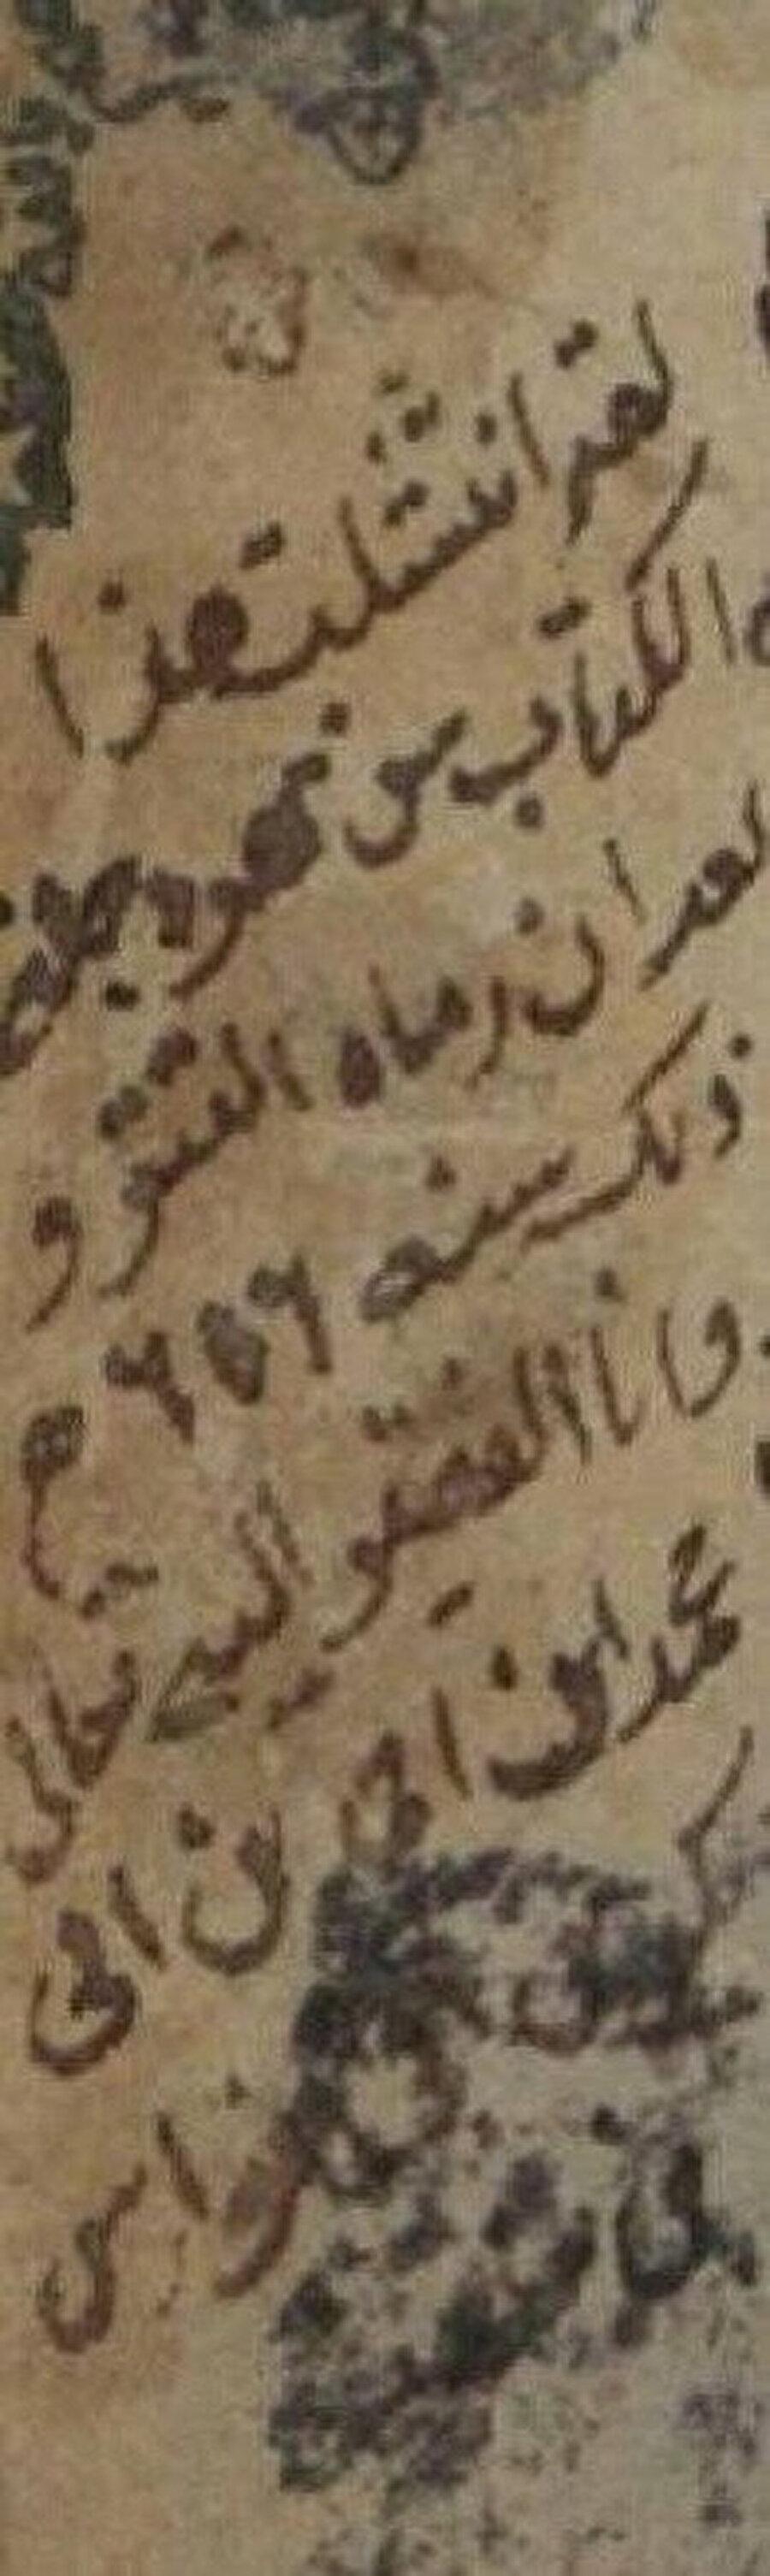 Hülâgû'nun Bağdat'ı işgali esnasında atıldığı Dicle Nehri'nden çıkartılan İsfahânî'nin Müfredât'ına yazılmış notun bulunduğu kısım.